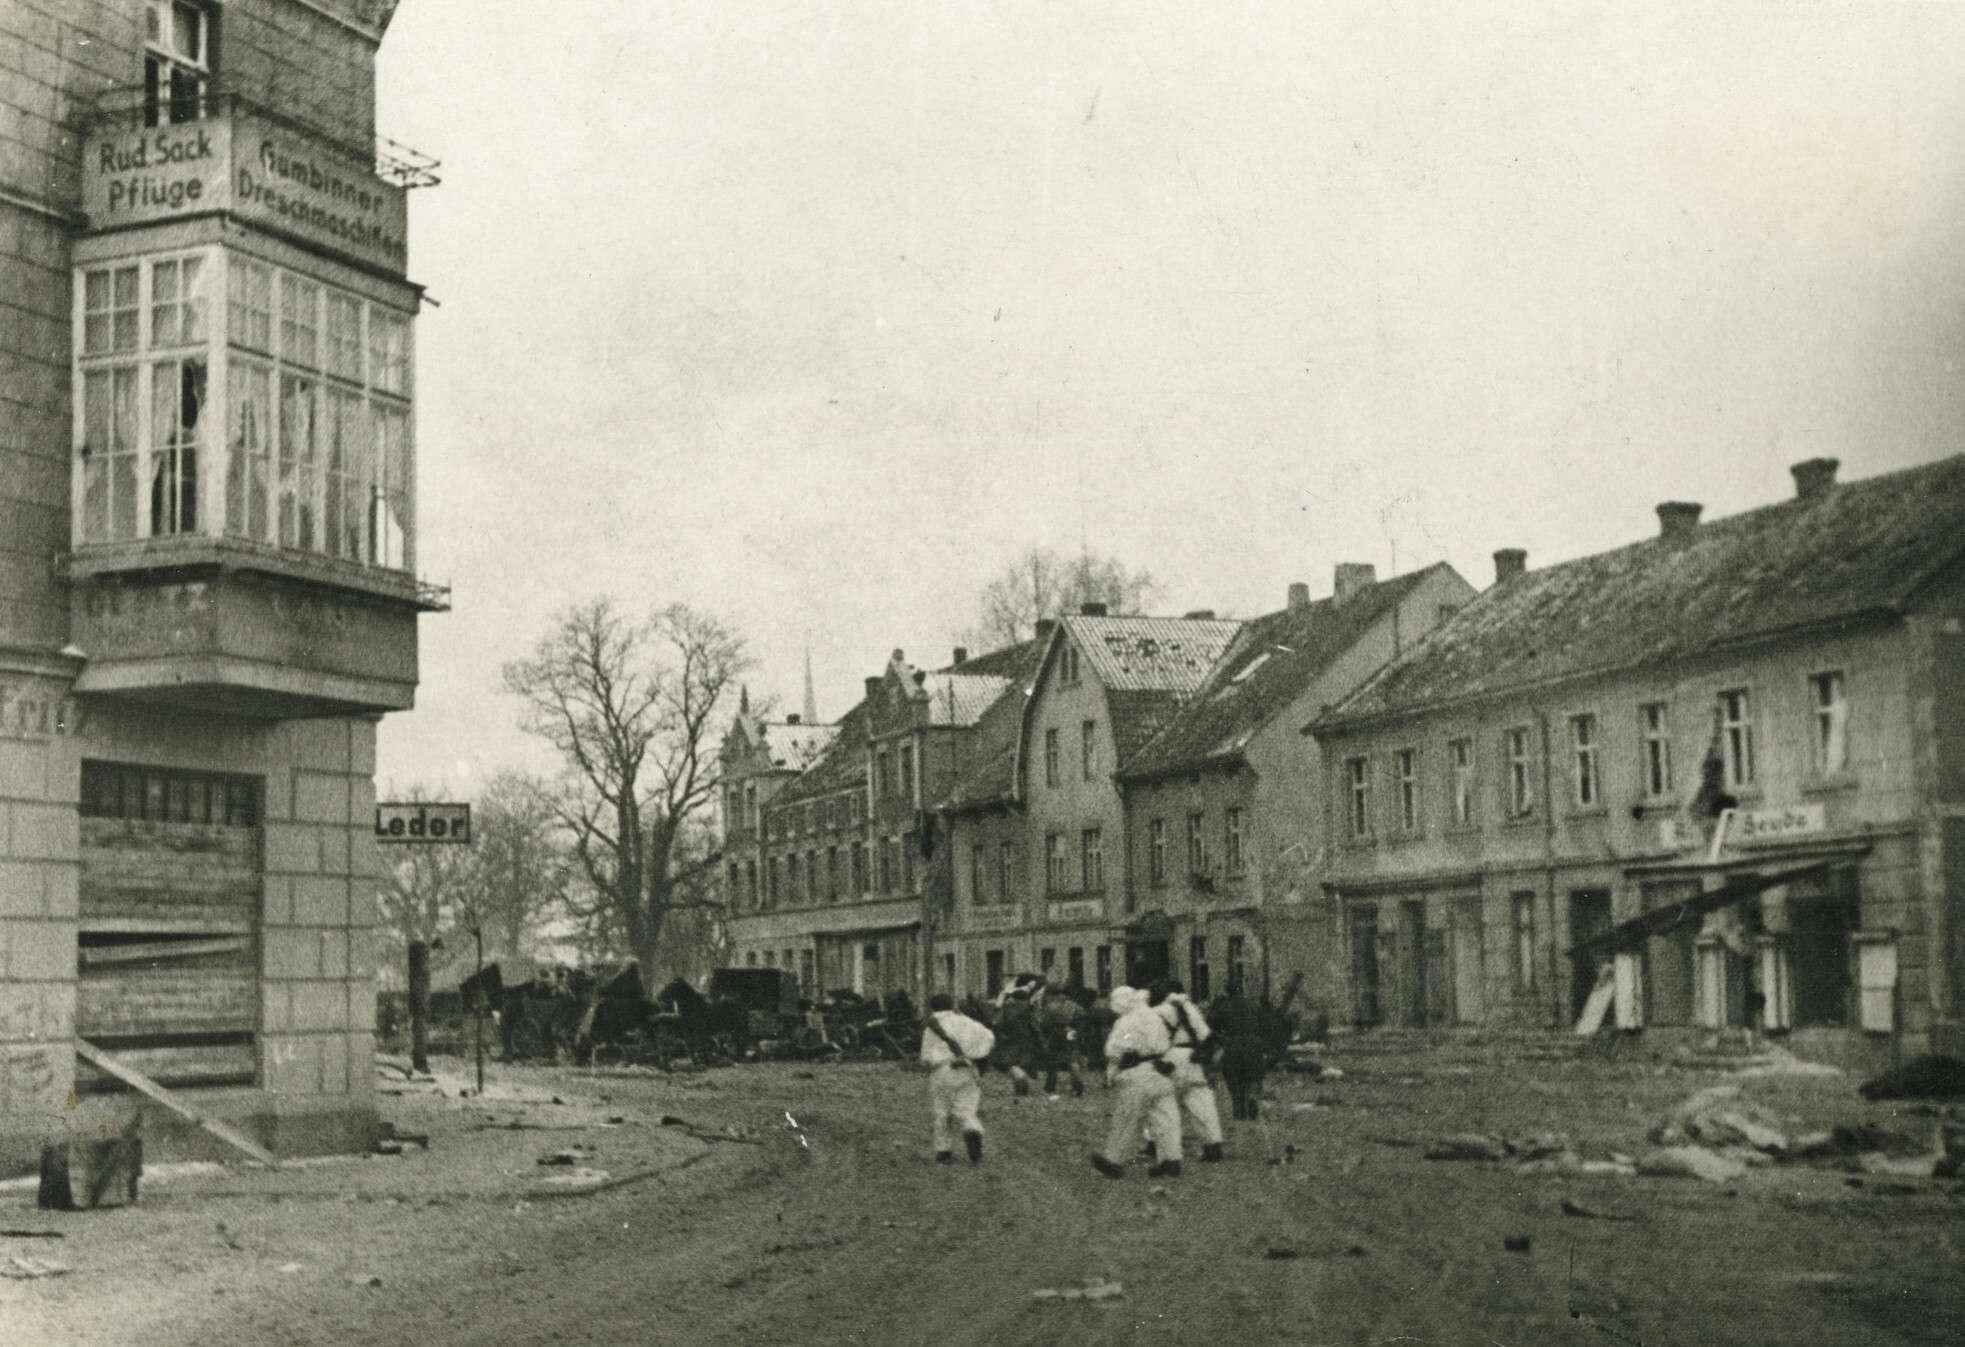 Д. Сорока.    Улица города Гросс-Скайсгиррен   Восточная Пруссия, Гросс-Скайсгиррен, 1945